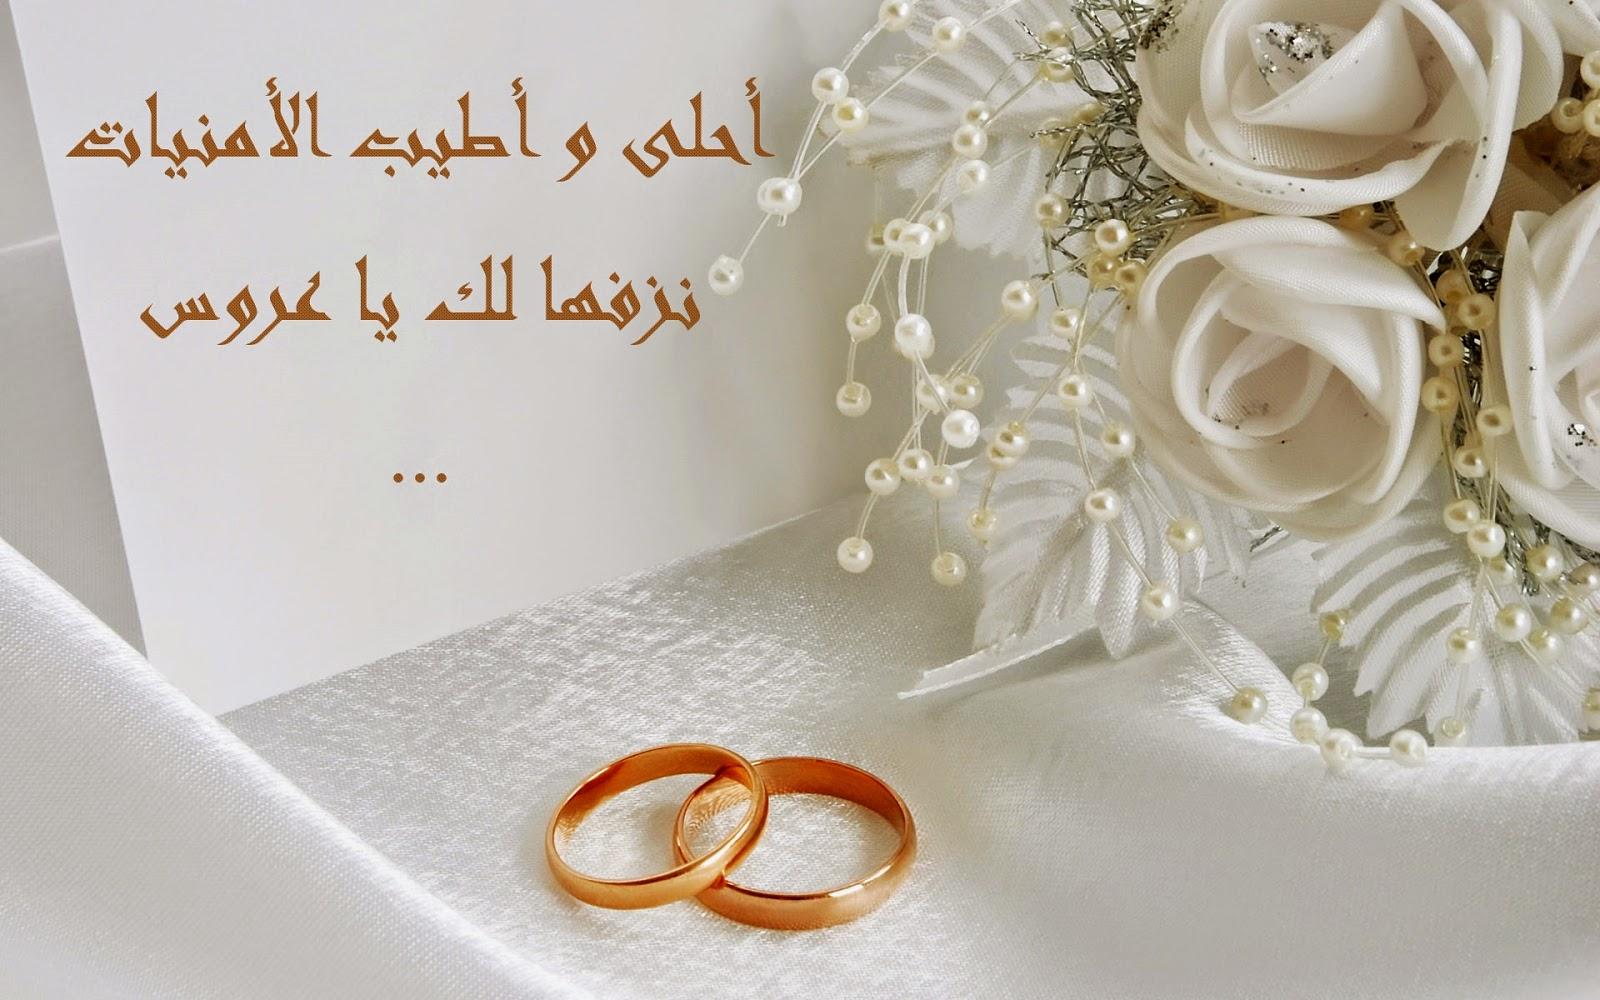 صورة صور تهنئة زواج , اجمل صور تهاني بمناسبة الزواج 6244 3